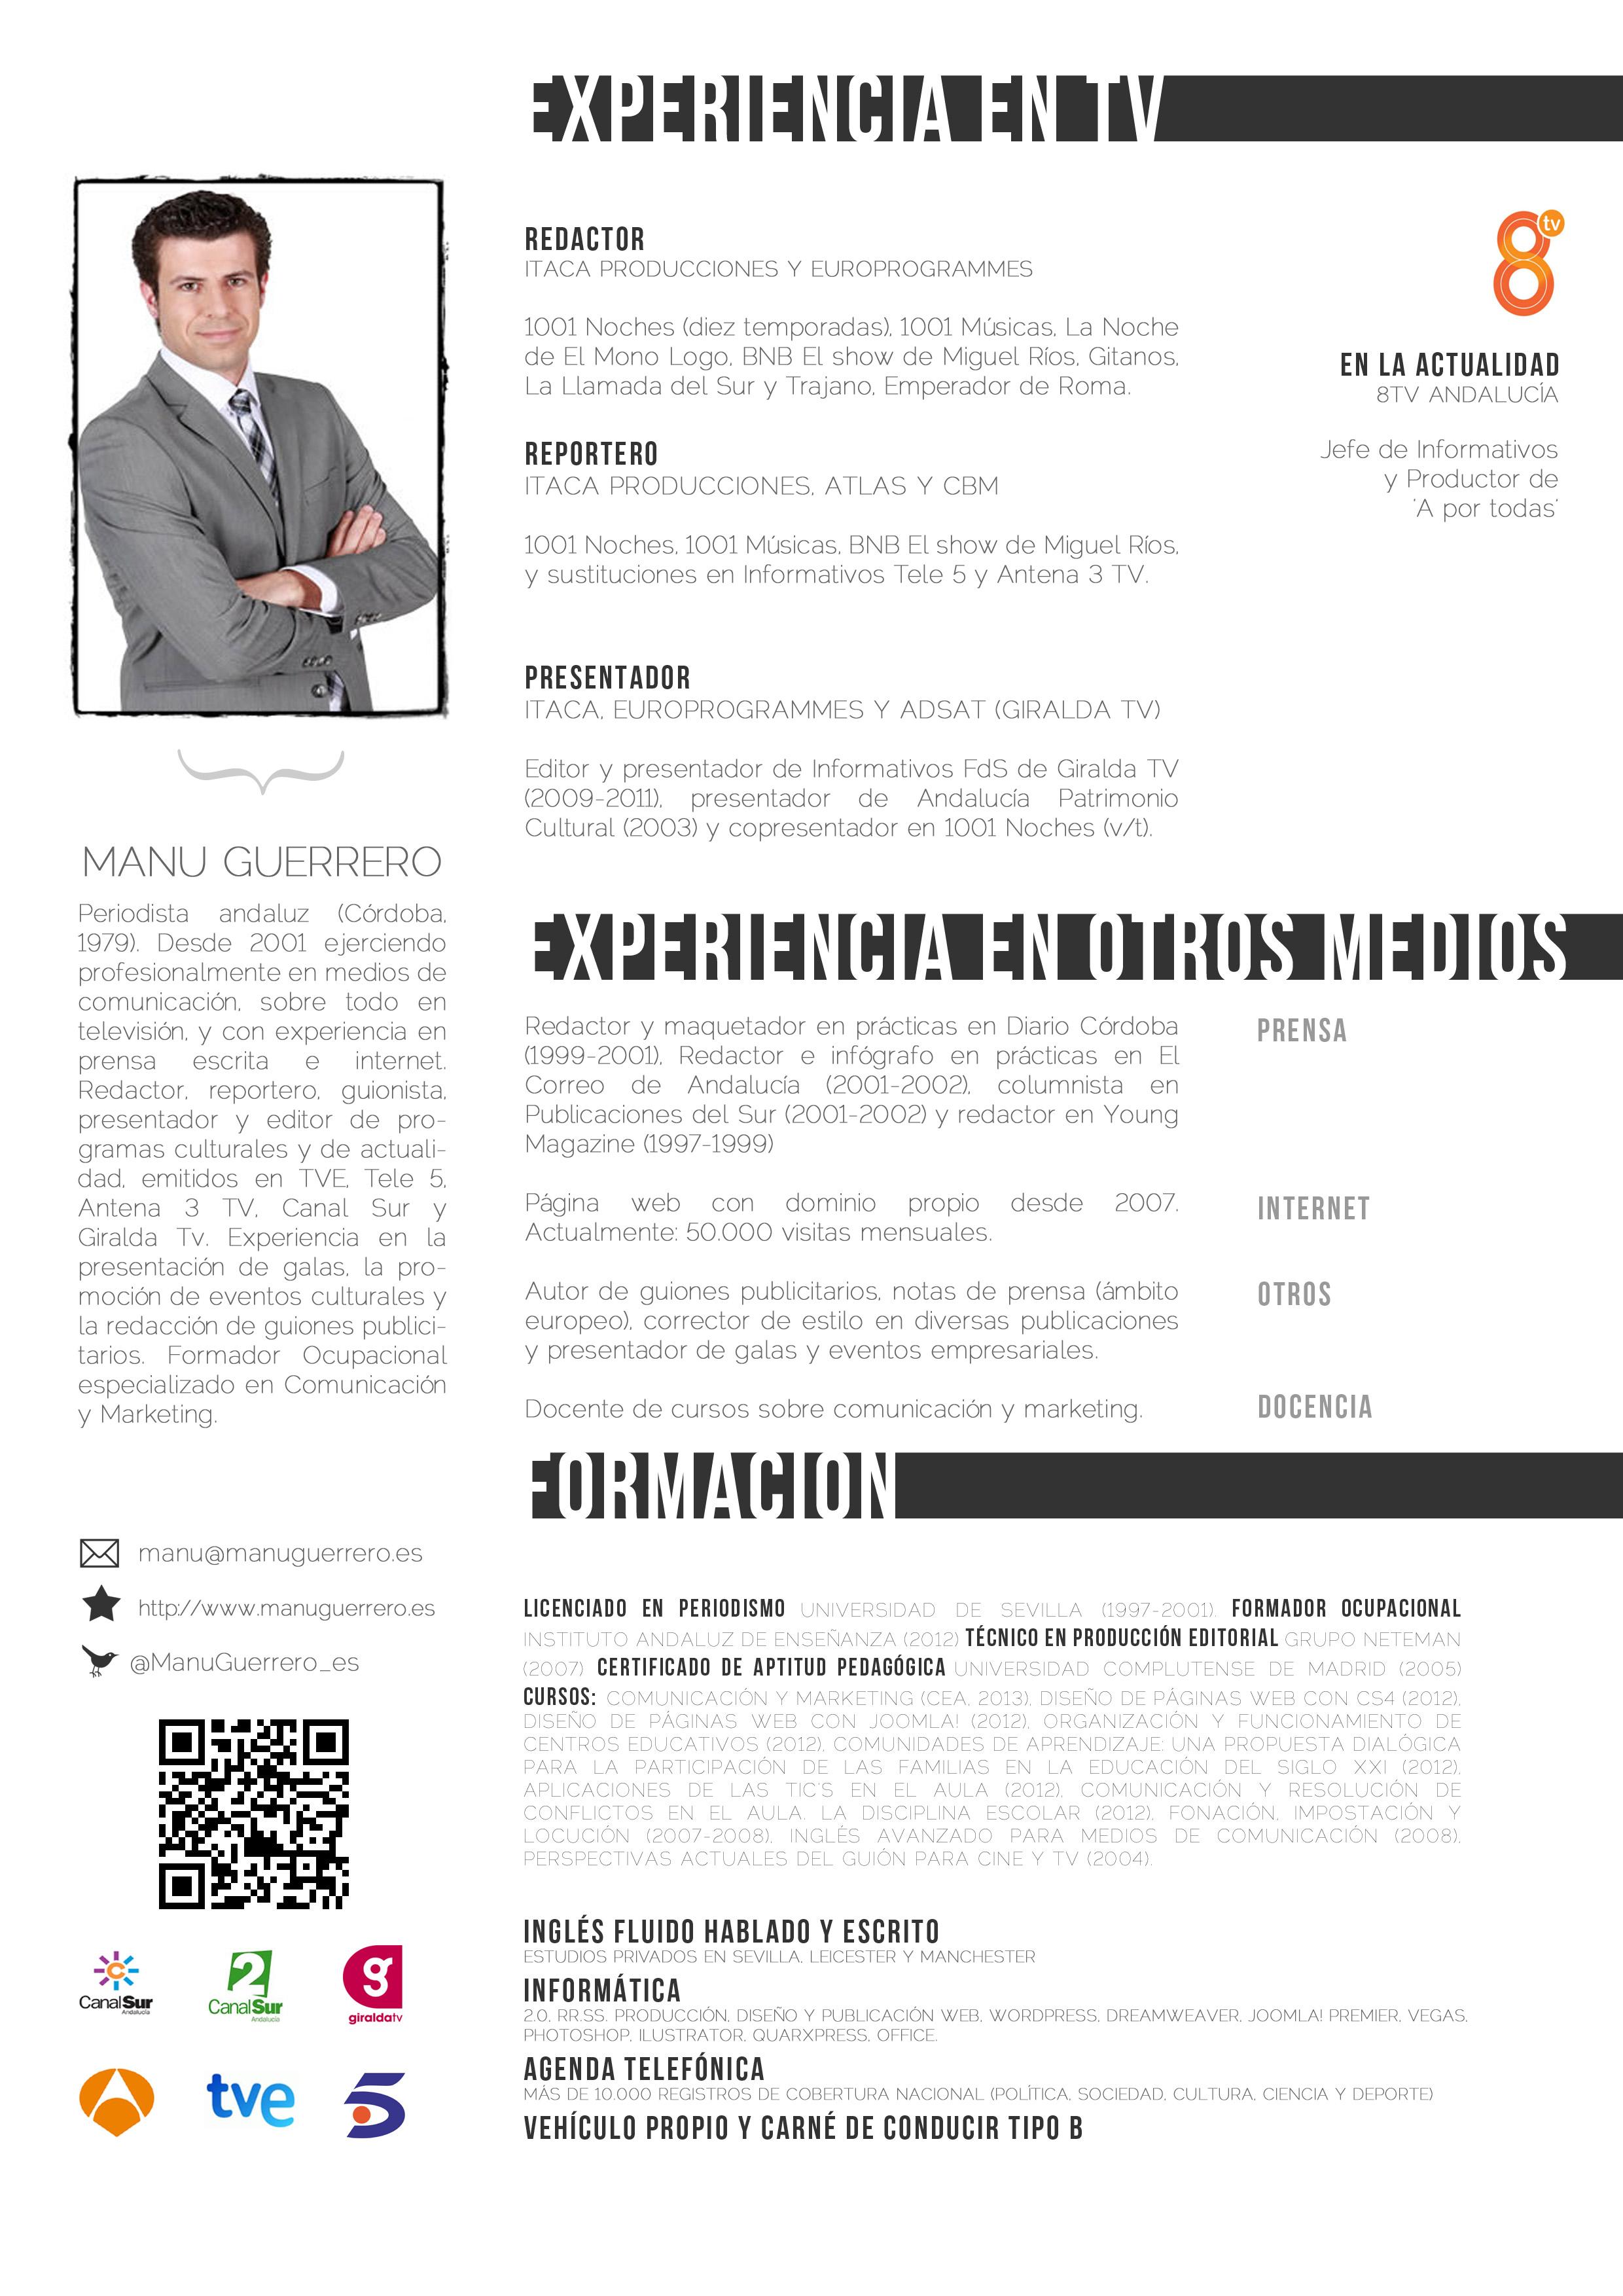 CV Manu Guerrero 2014